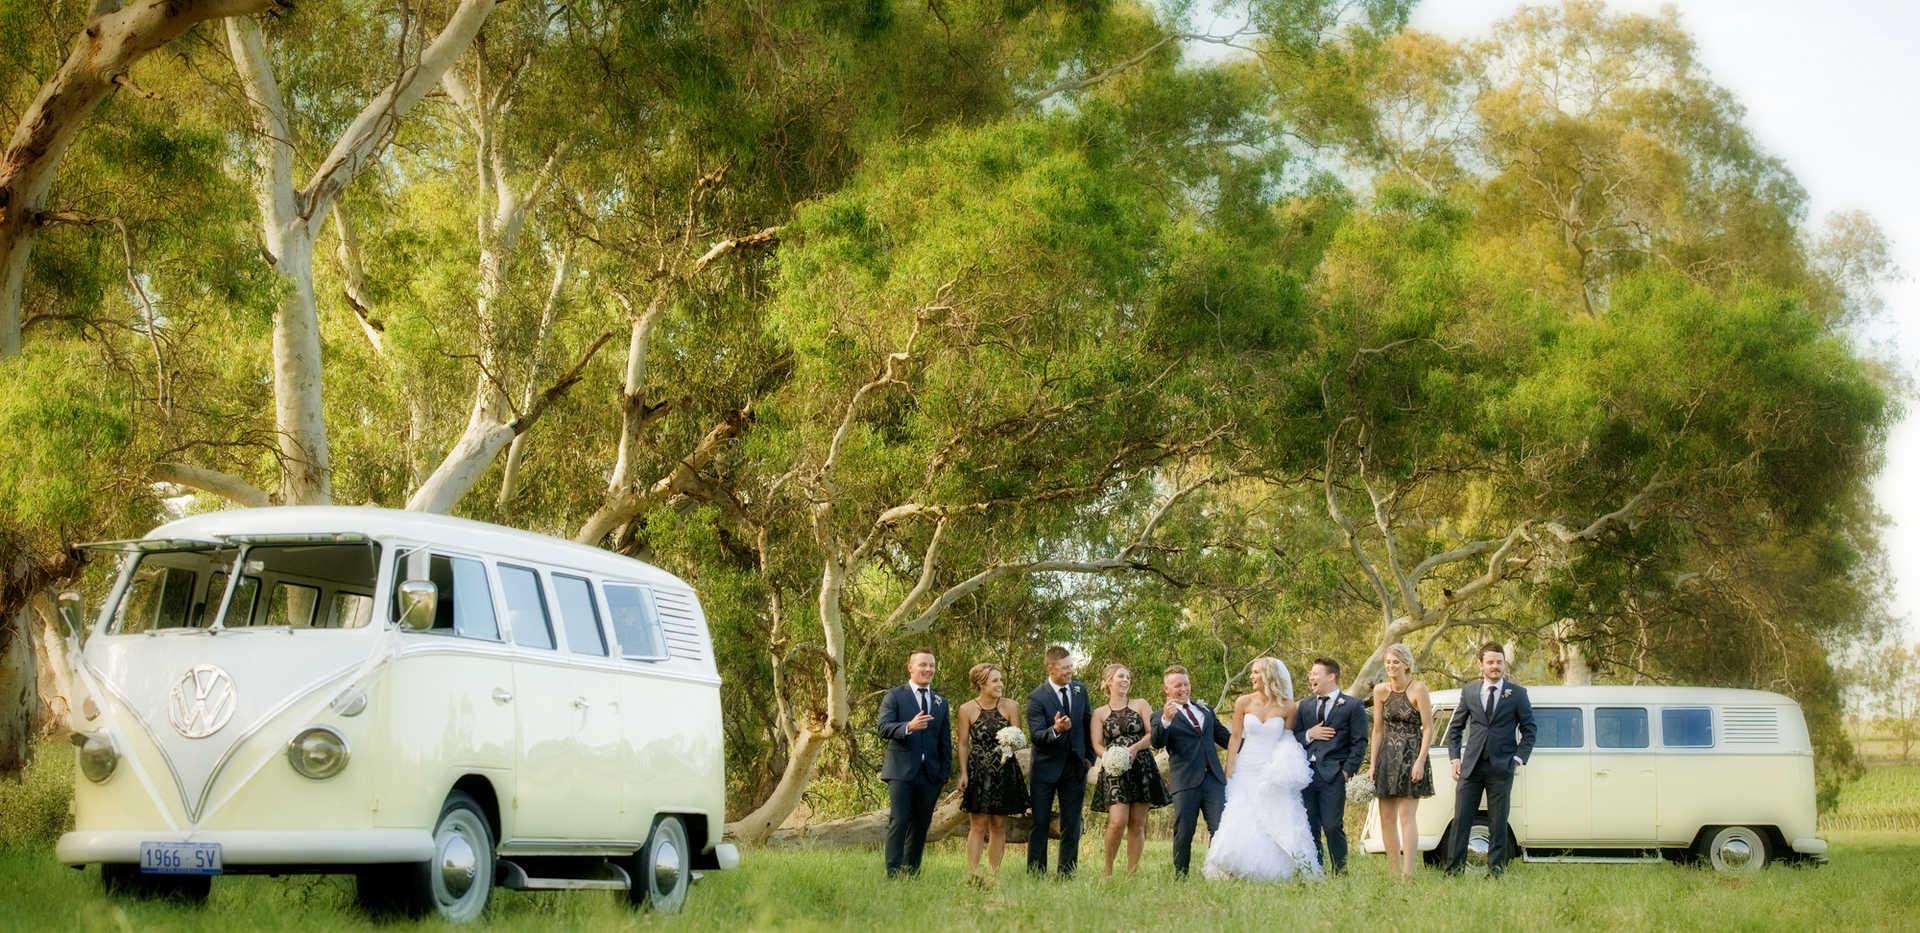 combie van vw van wedding photograph